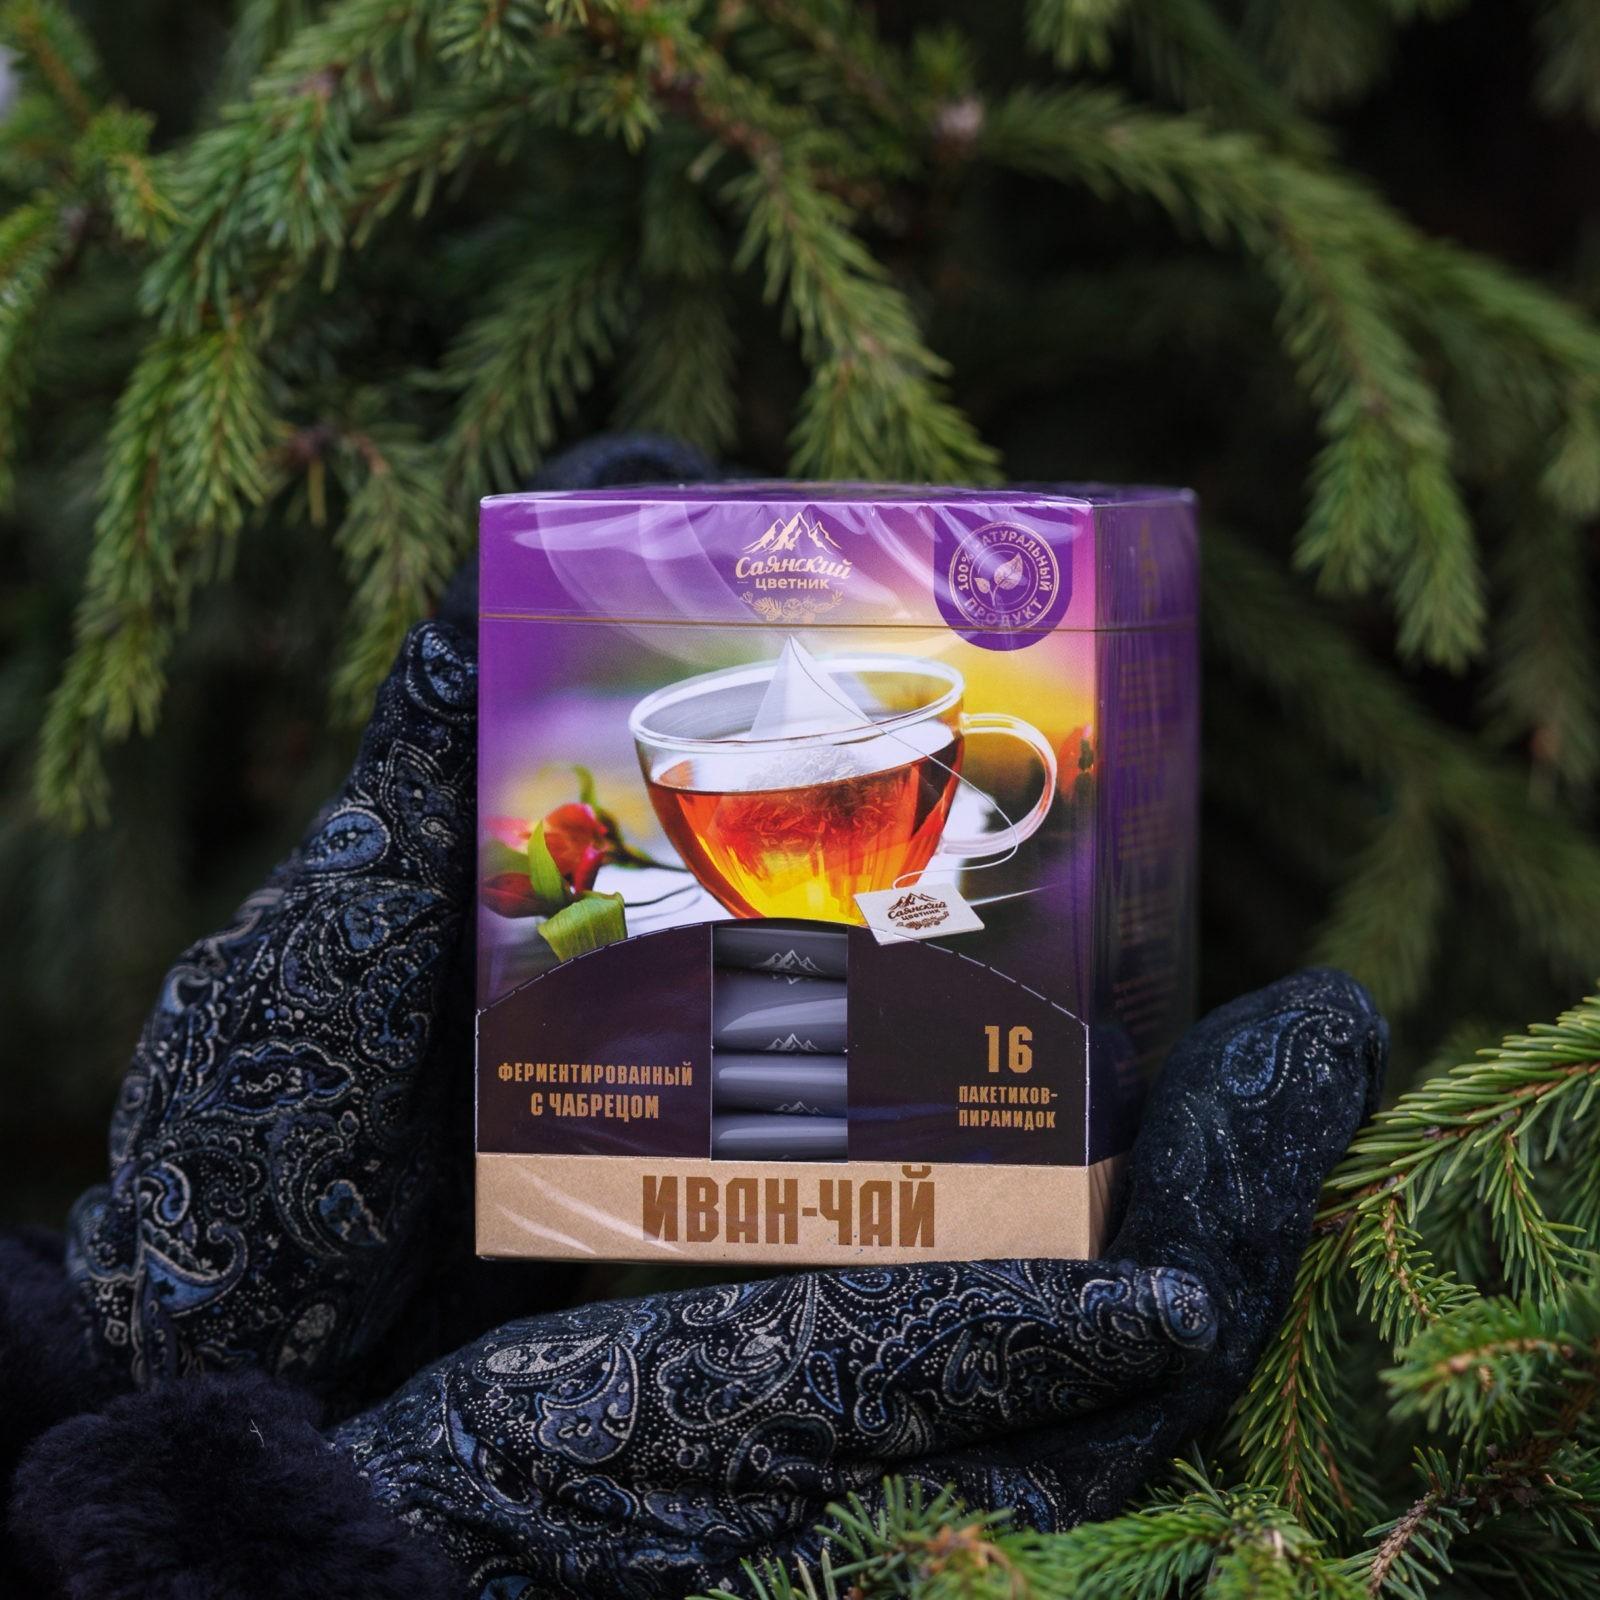 Иван - чай пакетированный с чабрецом